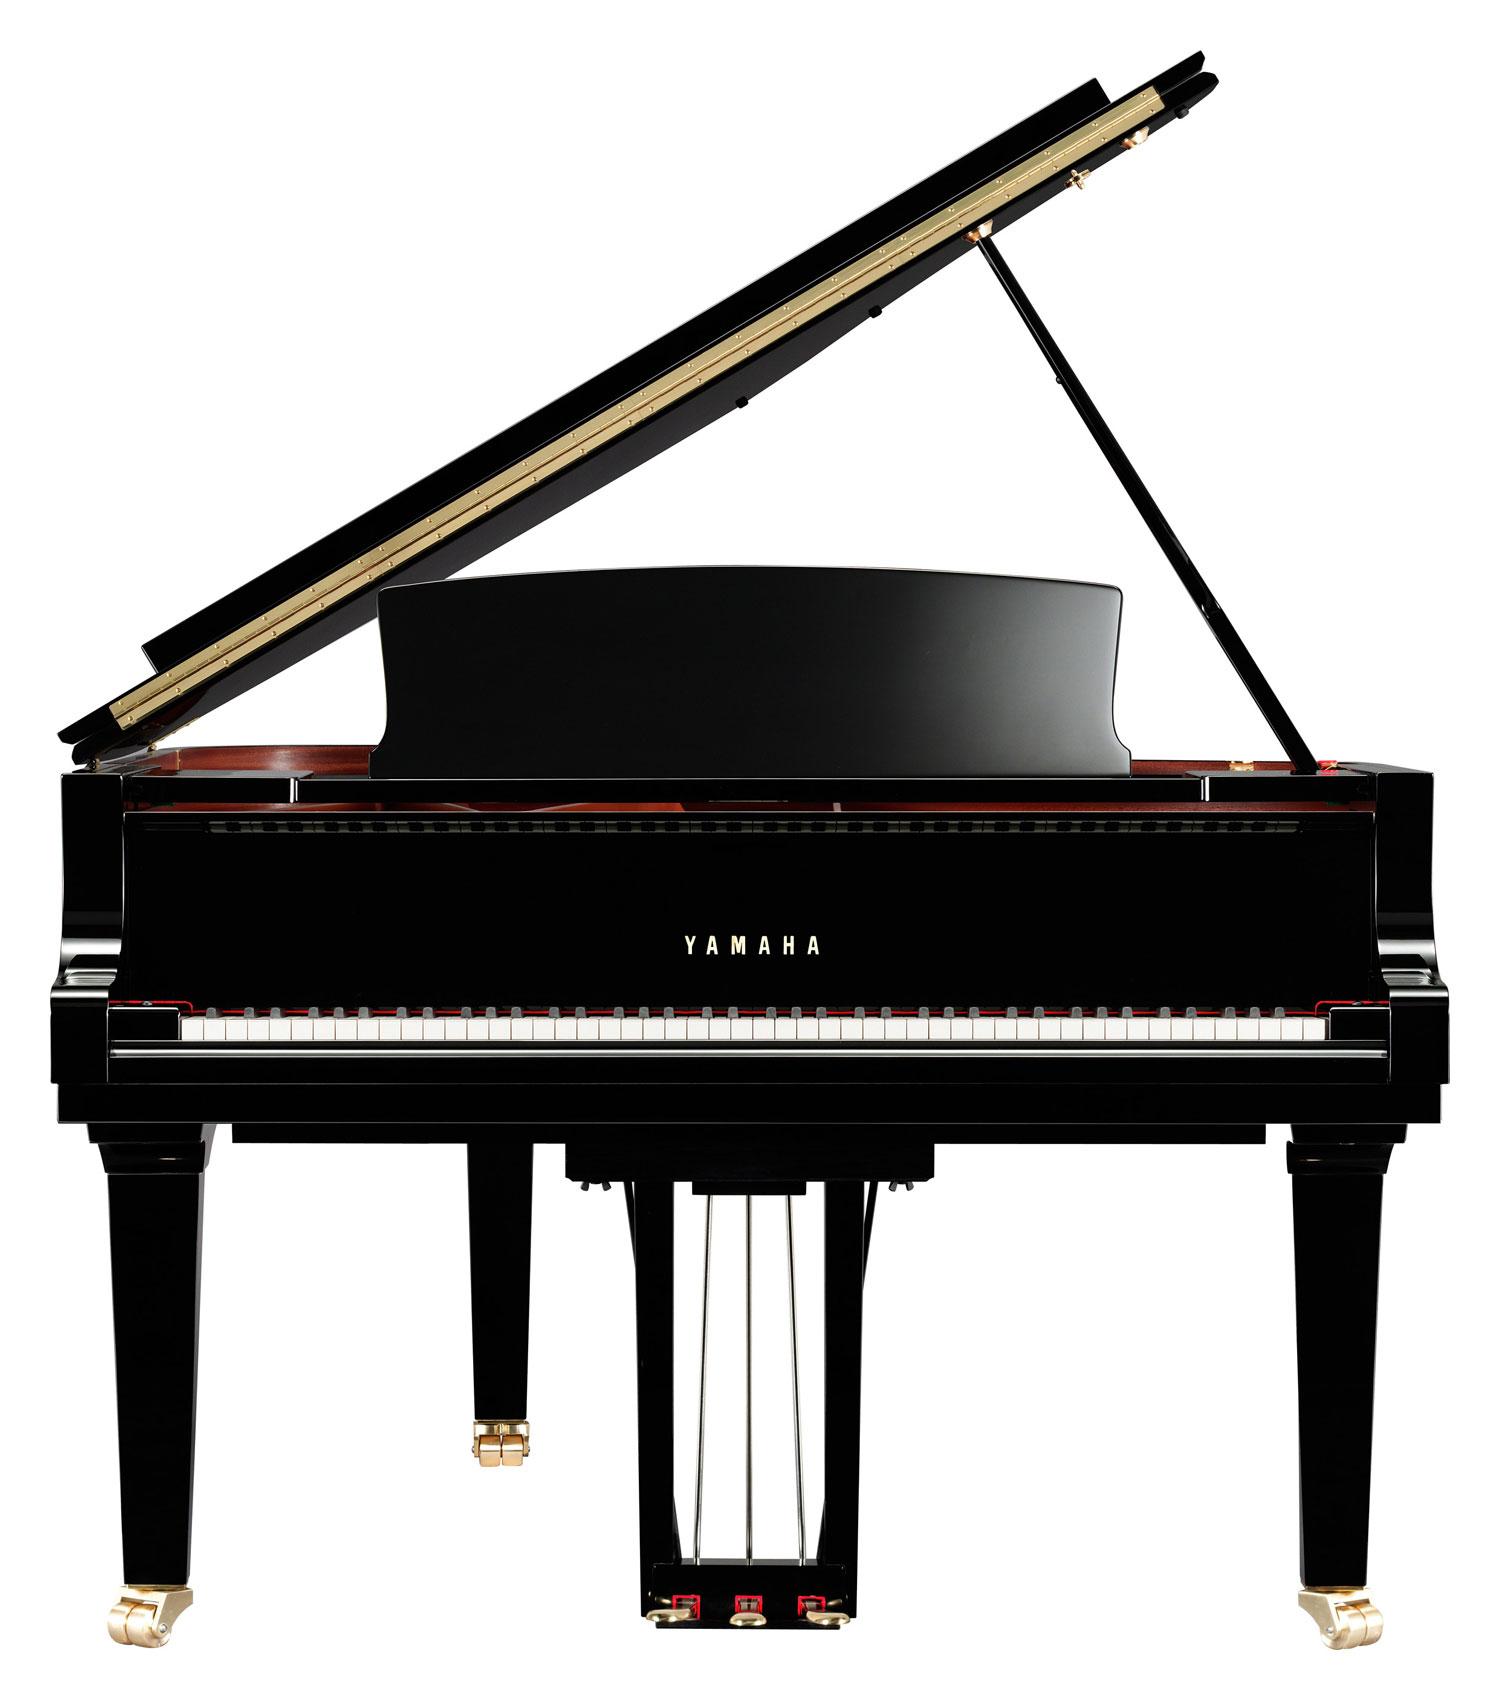 开封正规三角钢琴报价_正宗弹拨类乐器卖场-洛阳誉声乐器有限责任公司